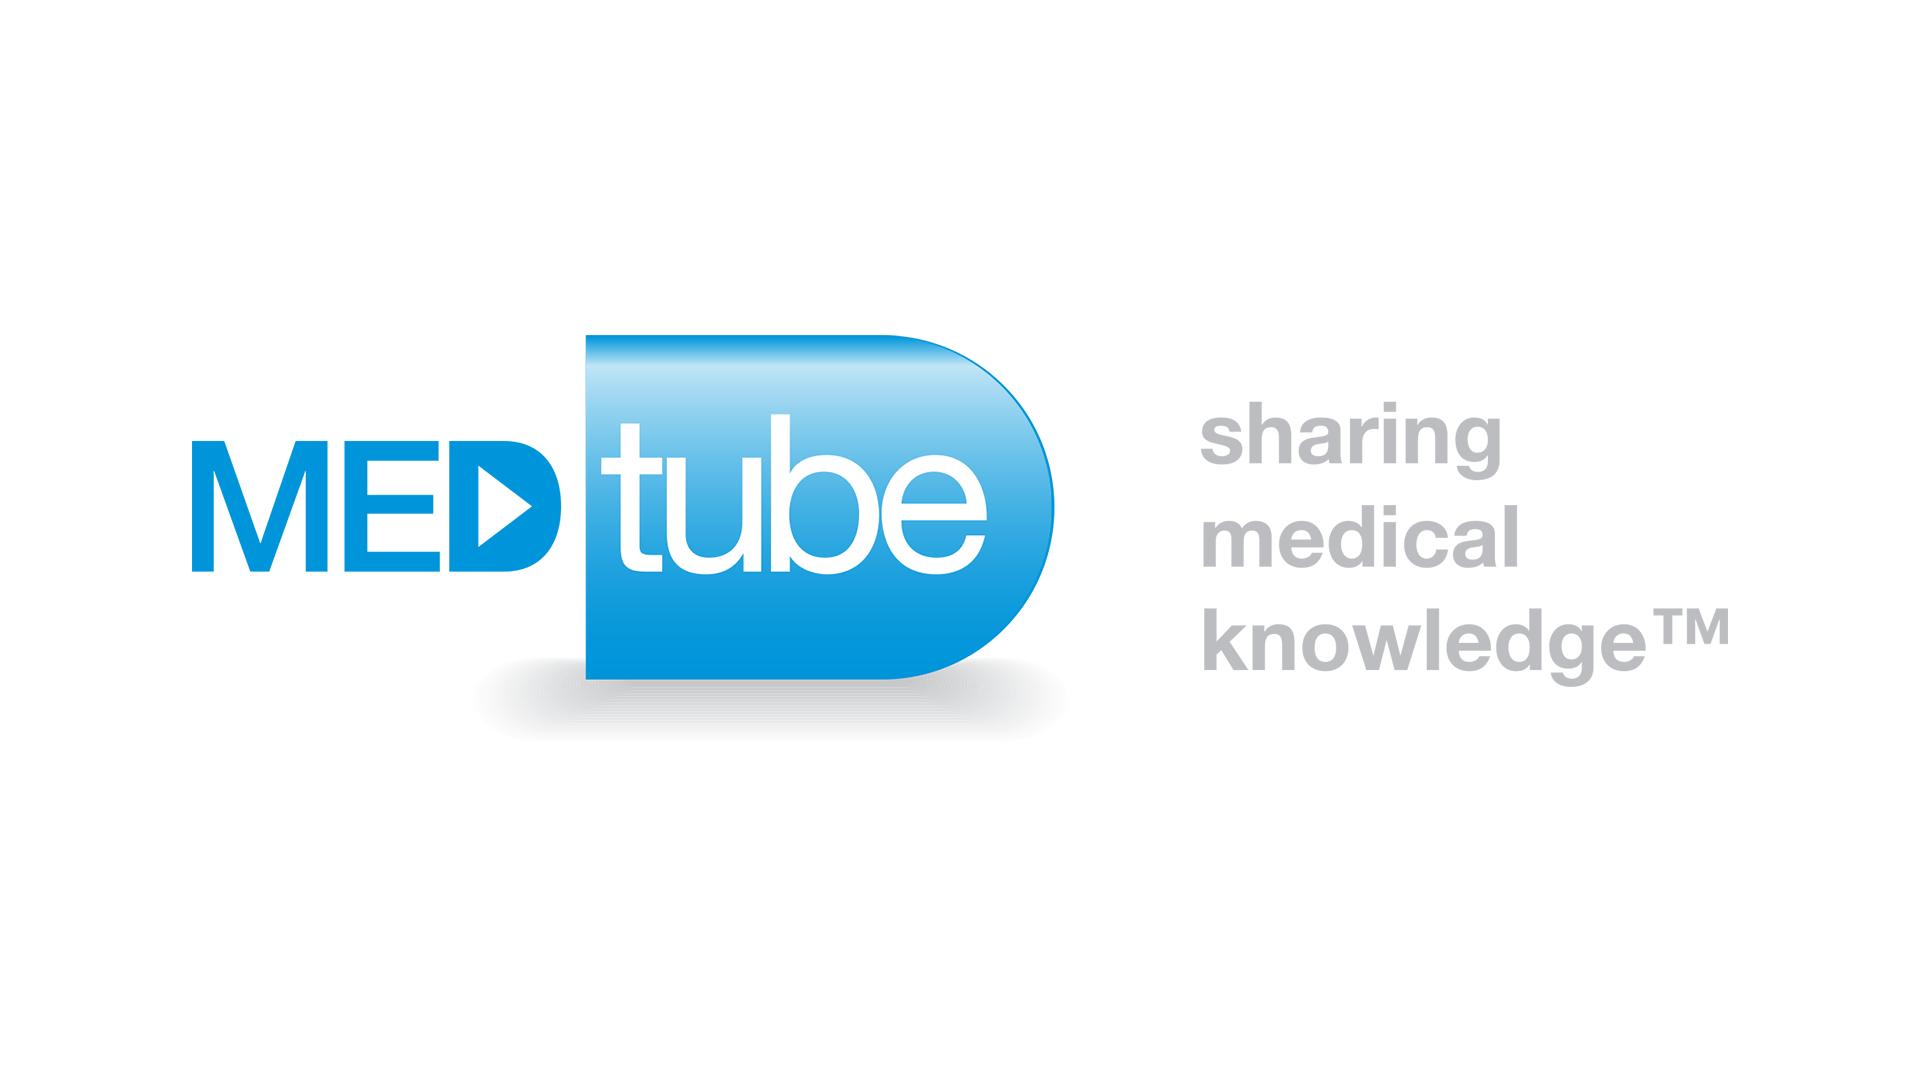 https://medtube.net/userfiles/medtube-logo-HD.png